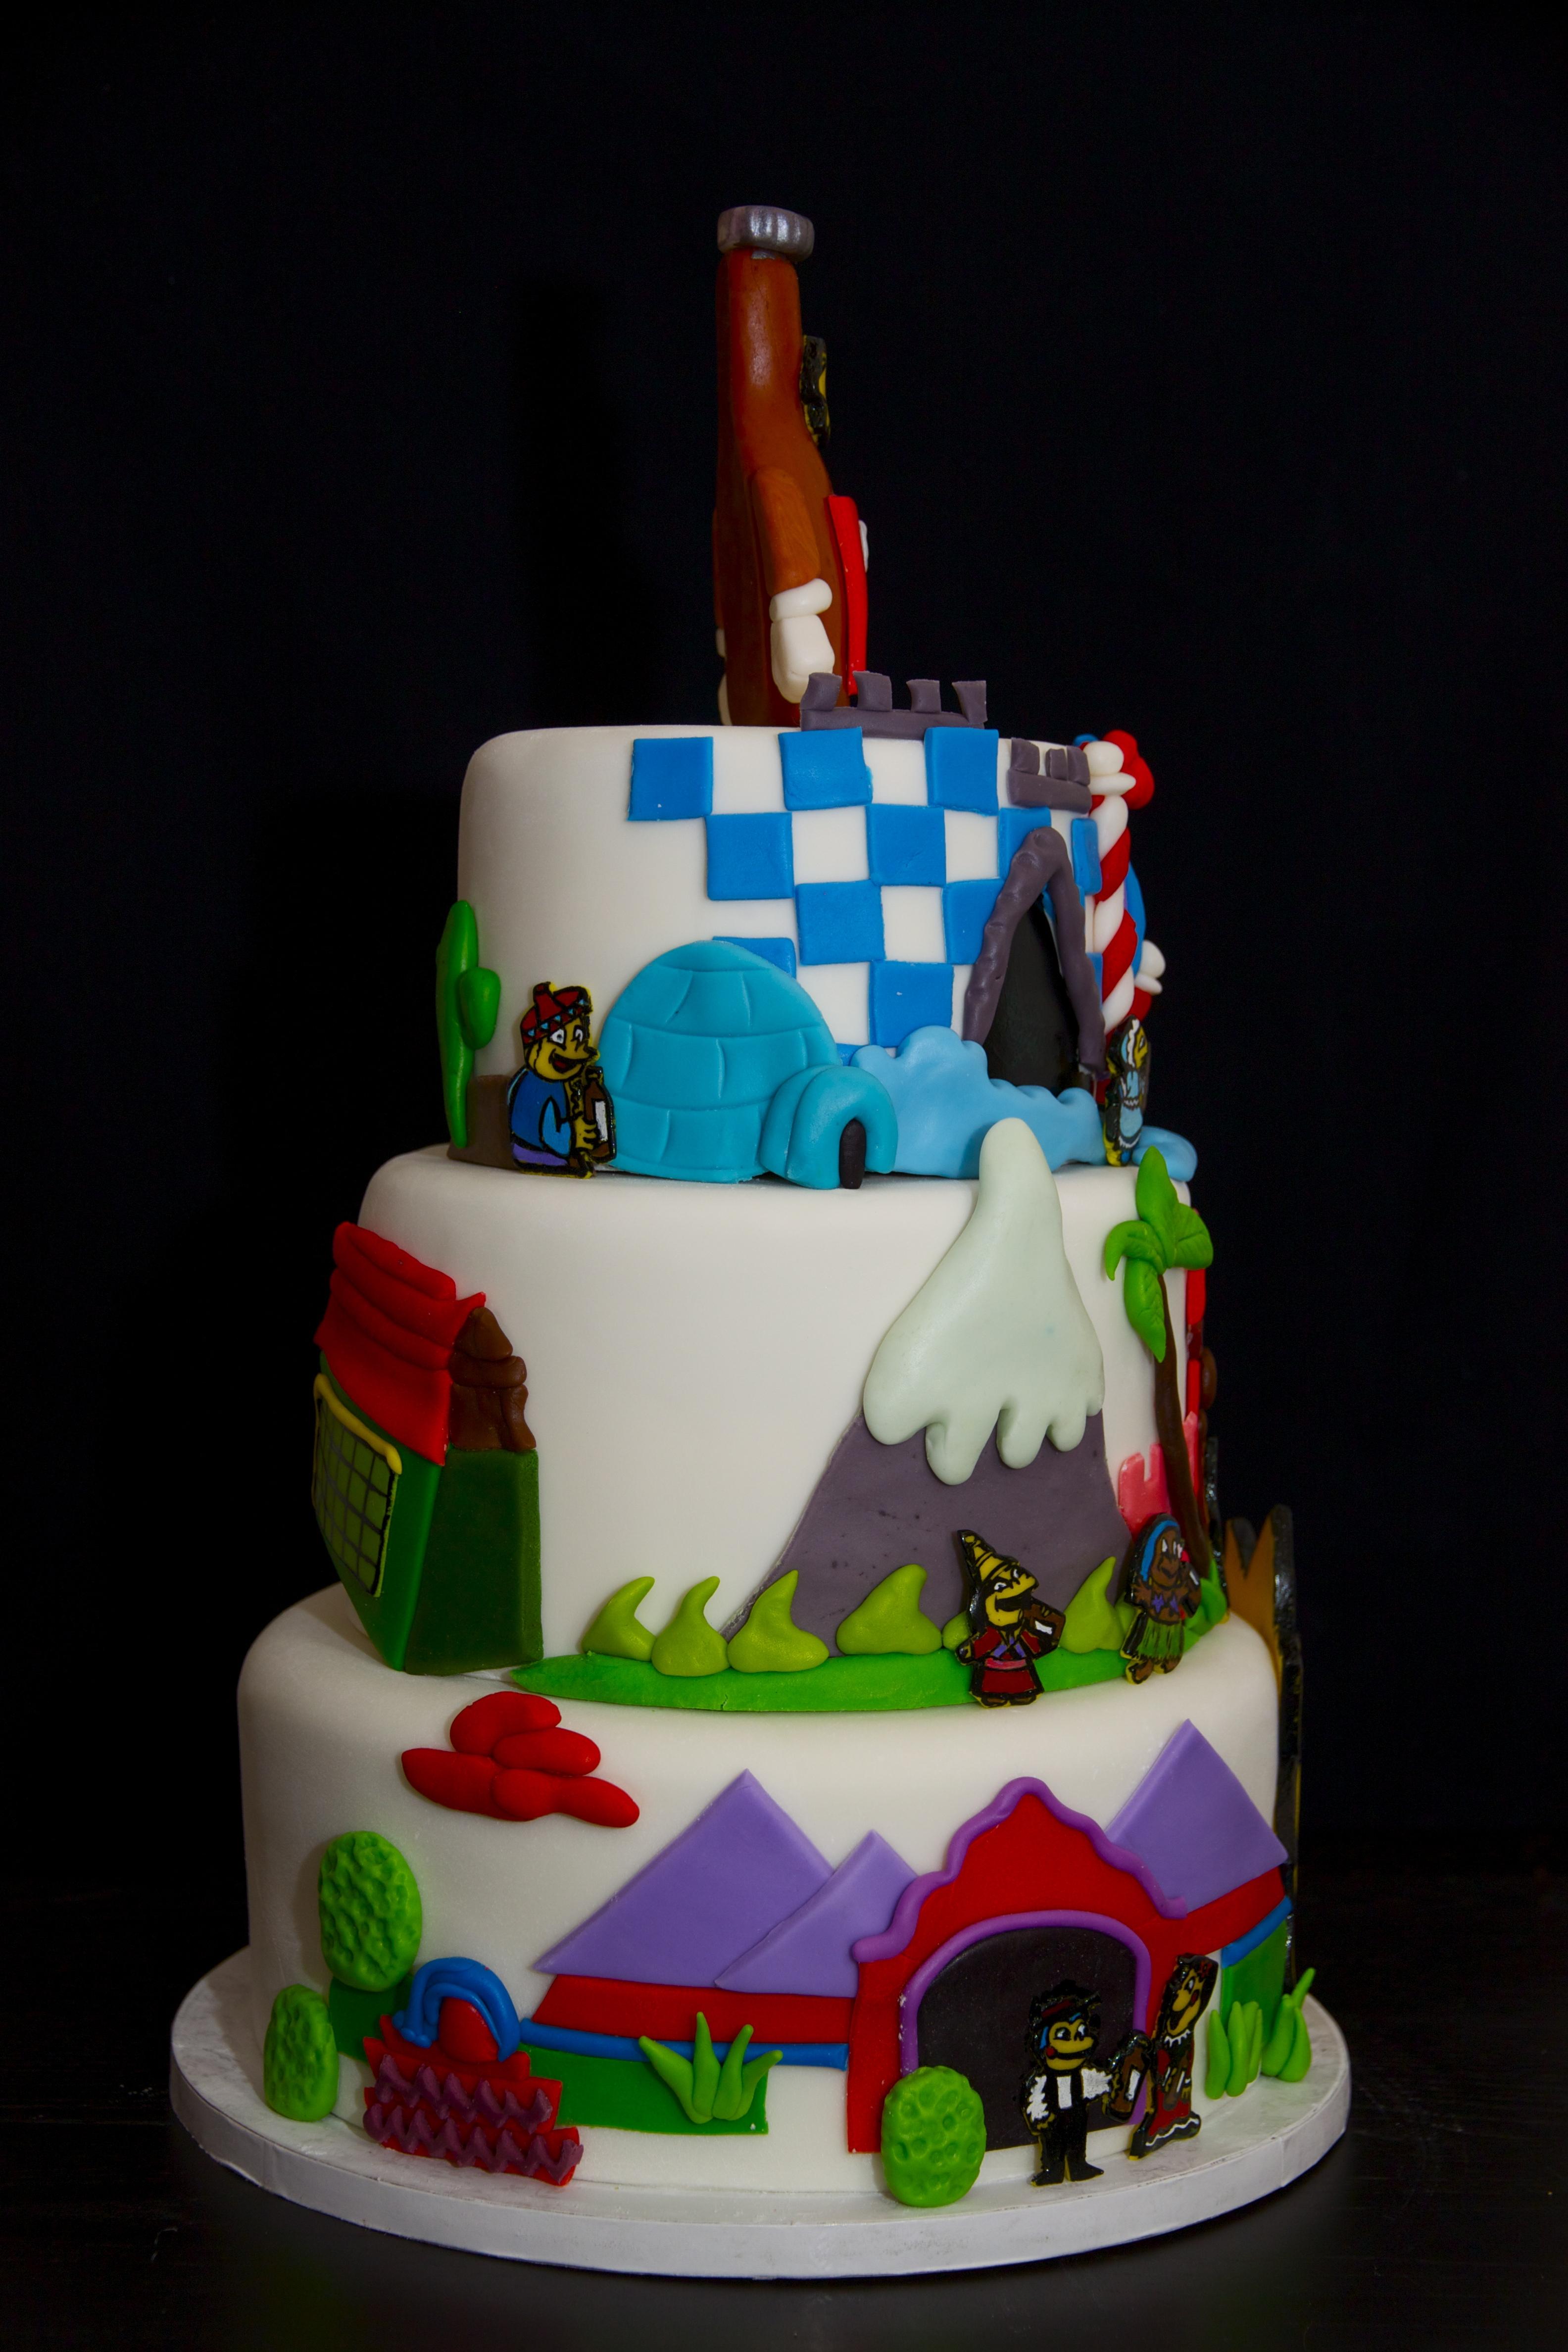 Simpsons Birthday Cake Recipe